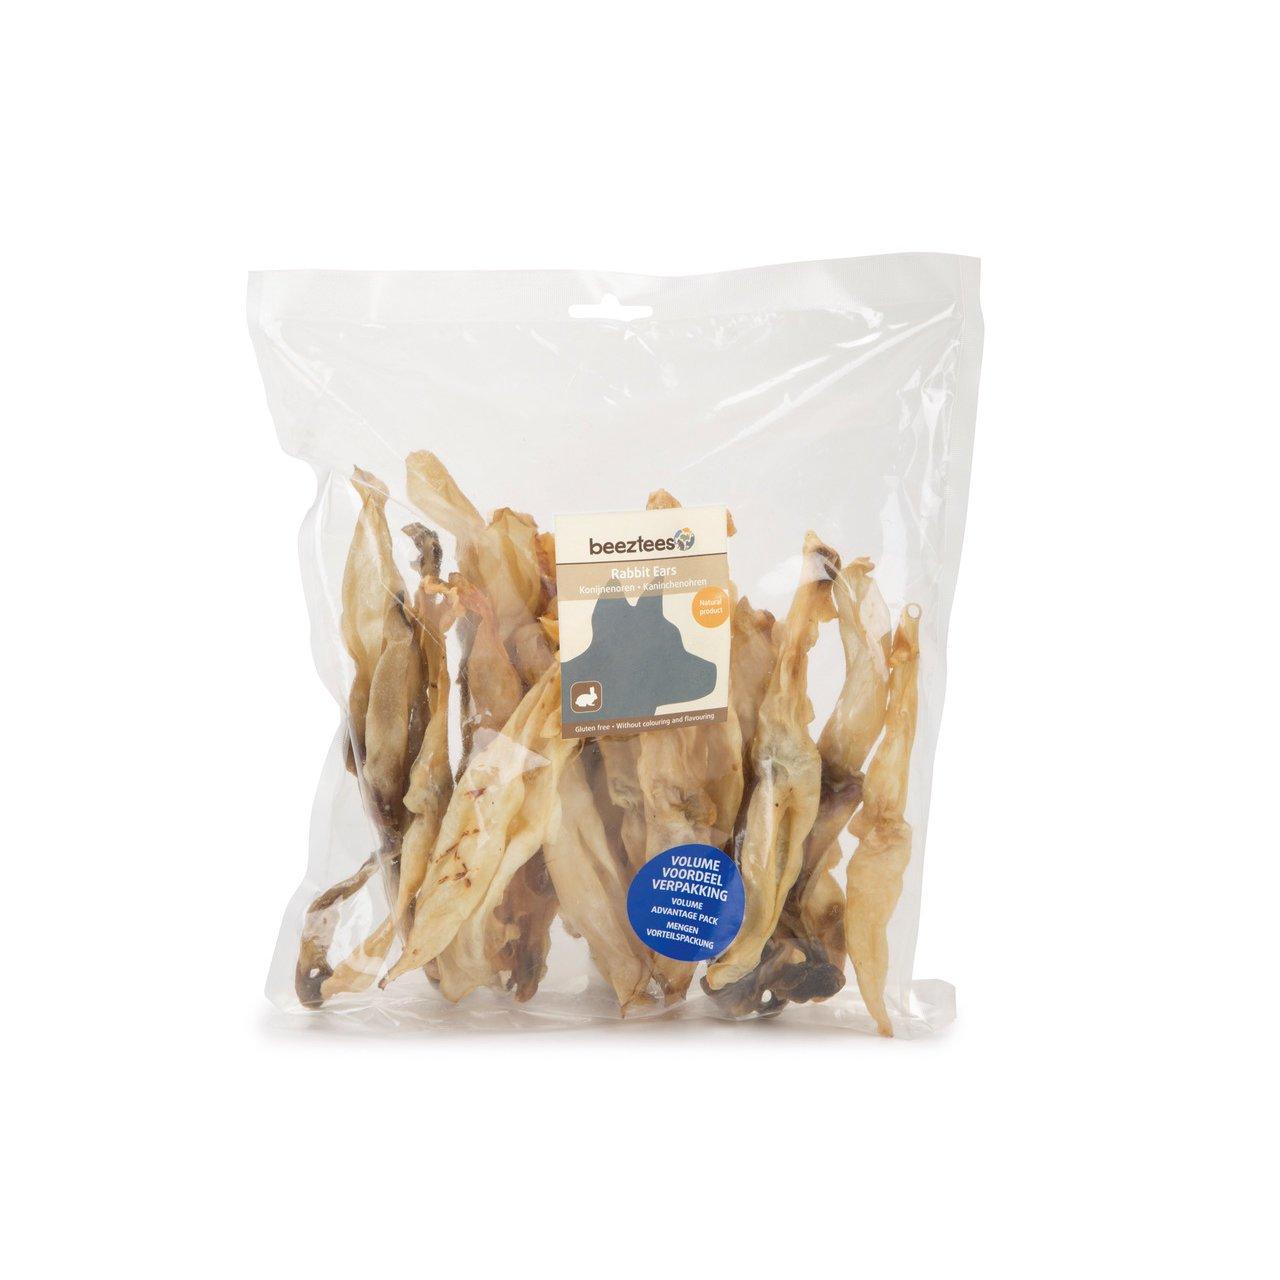 Beeztees Kaninchenohren Snack für Hunde, Bild 5